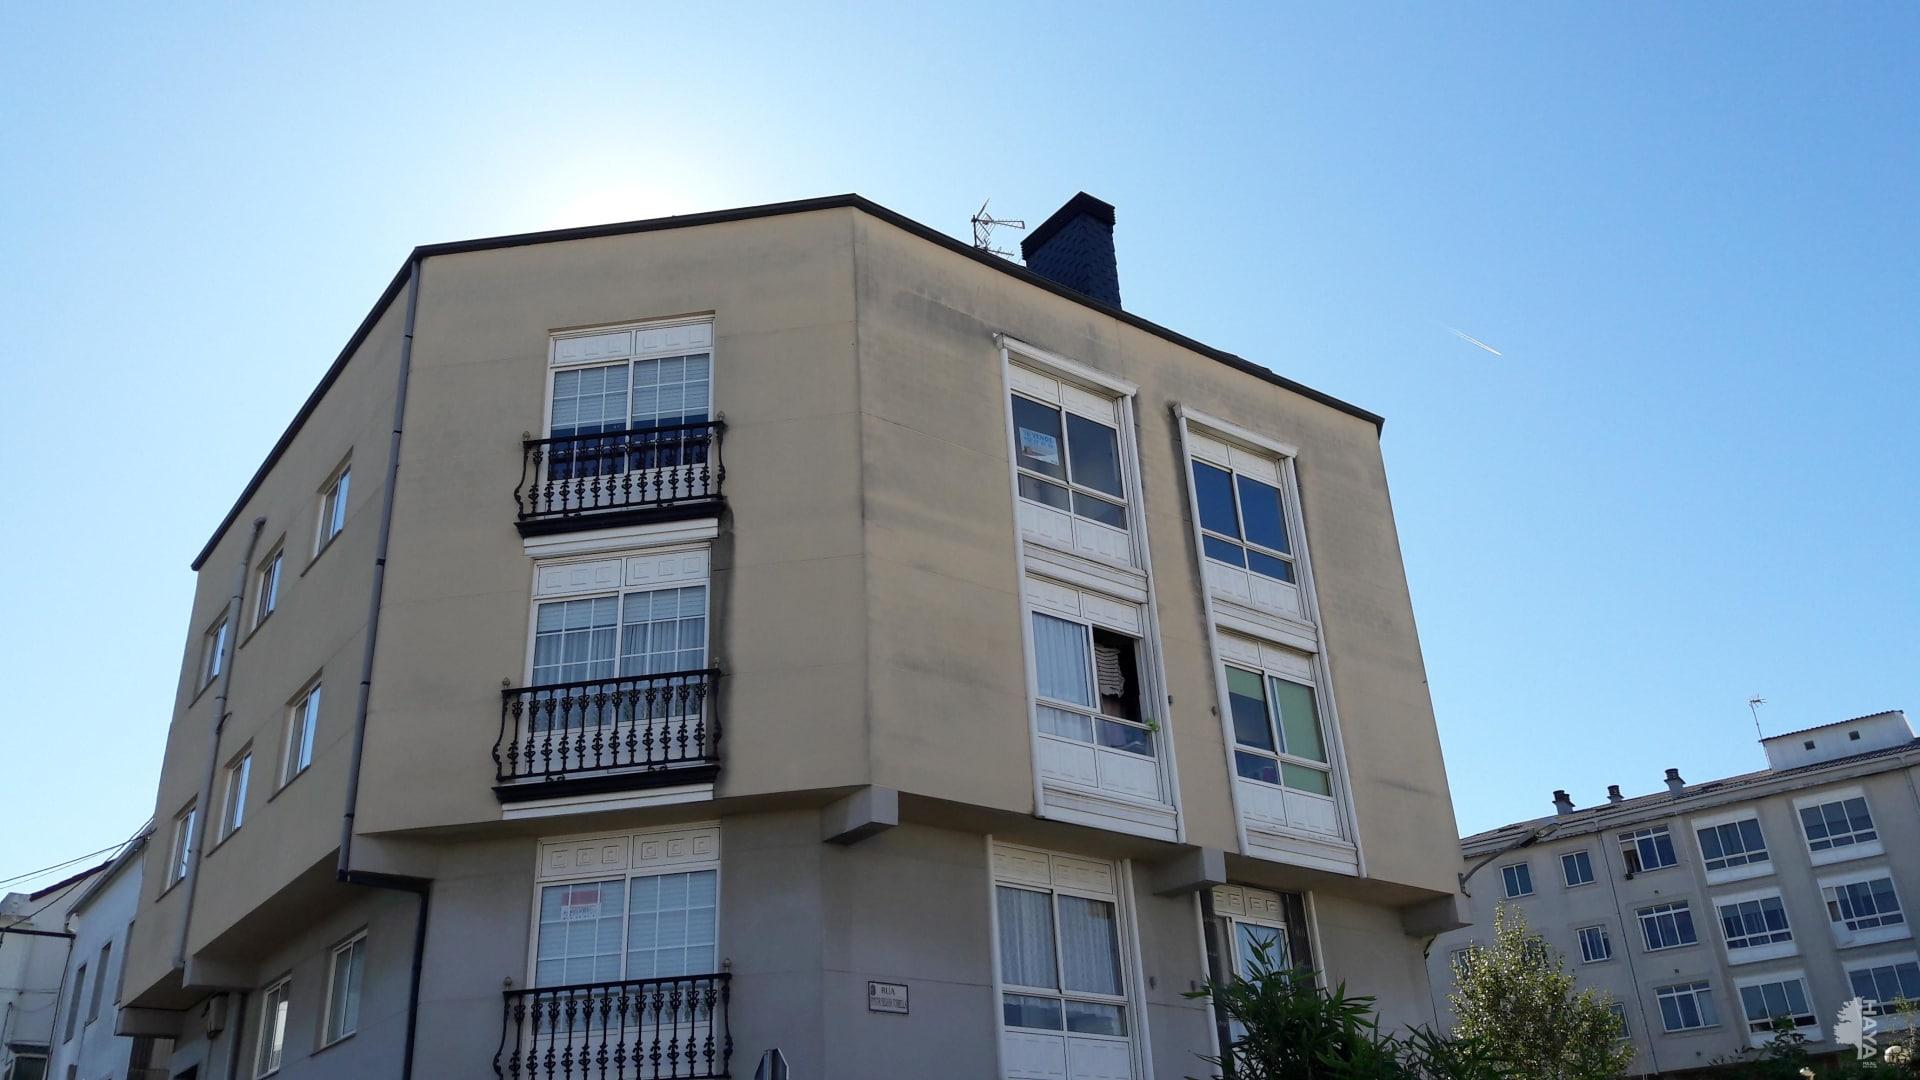 Piso en venta en Narón, A Coruña, Calle Bergantiños, 104.600 €, 3 habitaciones, 2 baños, 127 m2